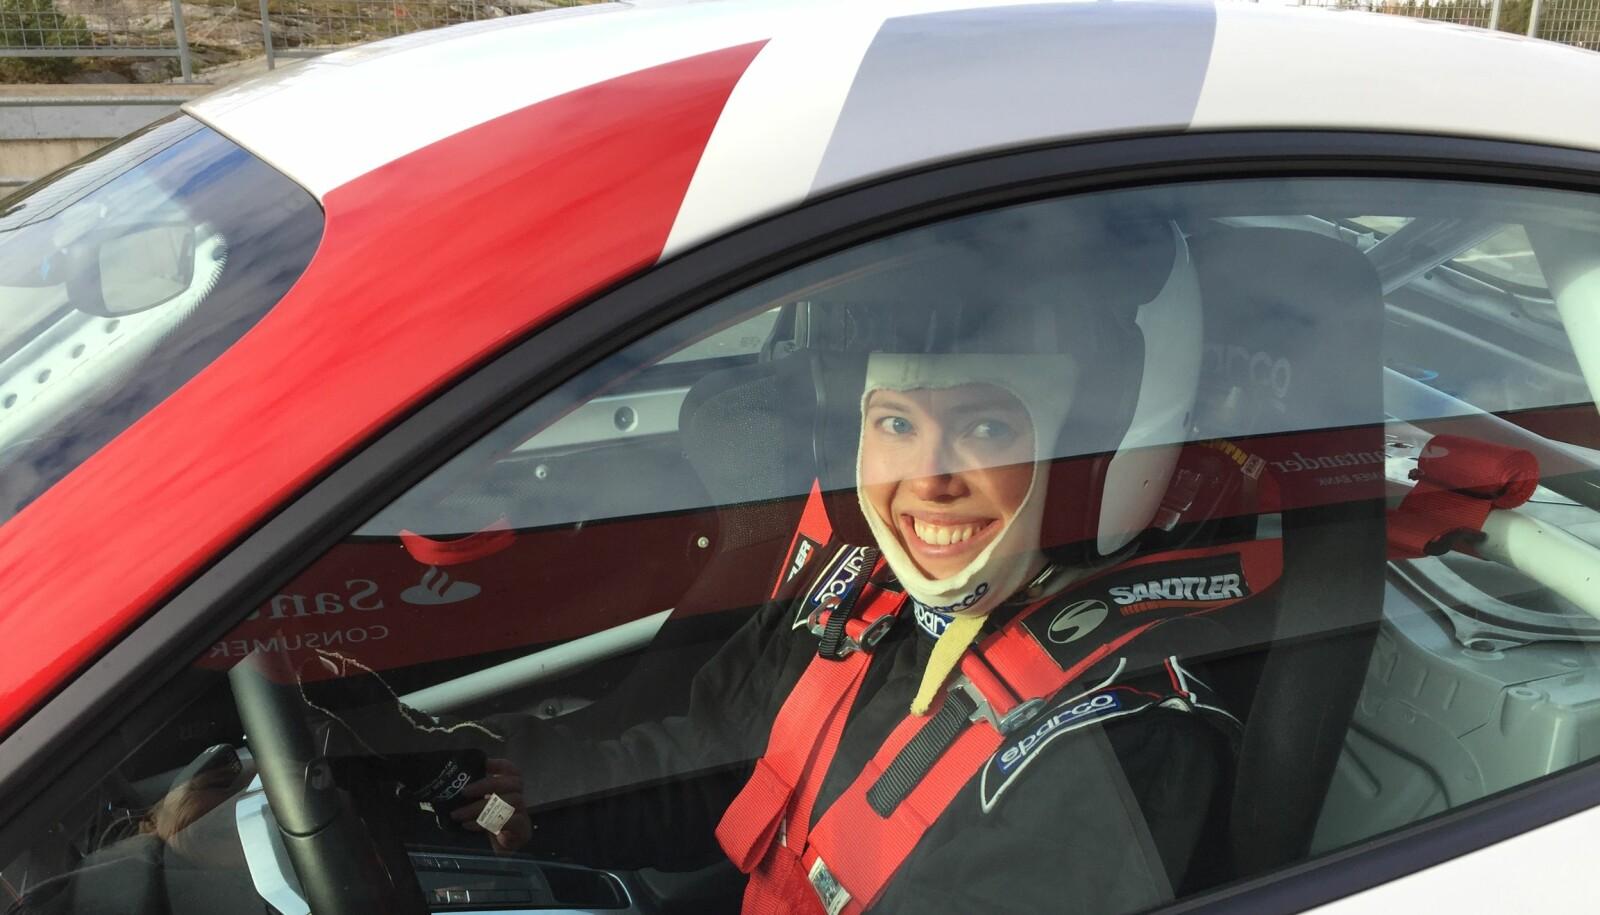 <b>KONKURRANSEINSTINKT: </b>Siri Yran er glad i langenn og turløp, men fant en annerledes glede i mestringen av en villstyrig Porsche. I idrett er konkurranser kjønnsdelt. I motorsport konkurrer alle mot alle.